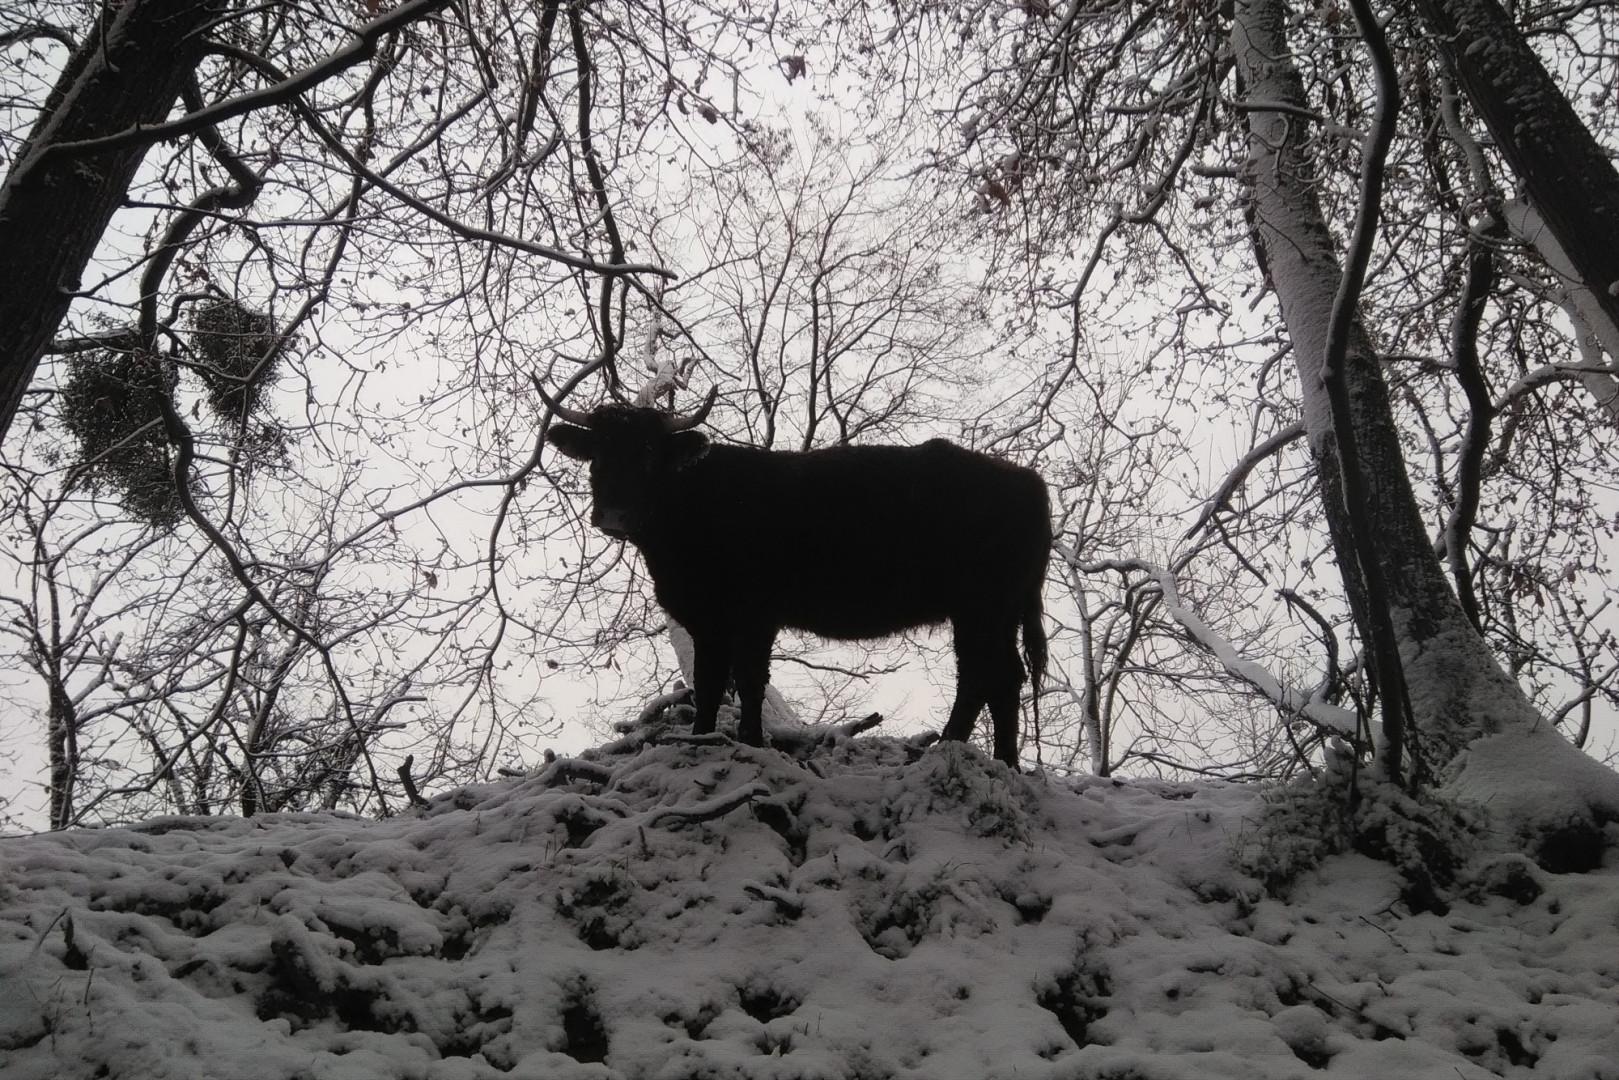 La neige à Arthies (Val-d'Oise) le 5 février 2018